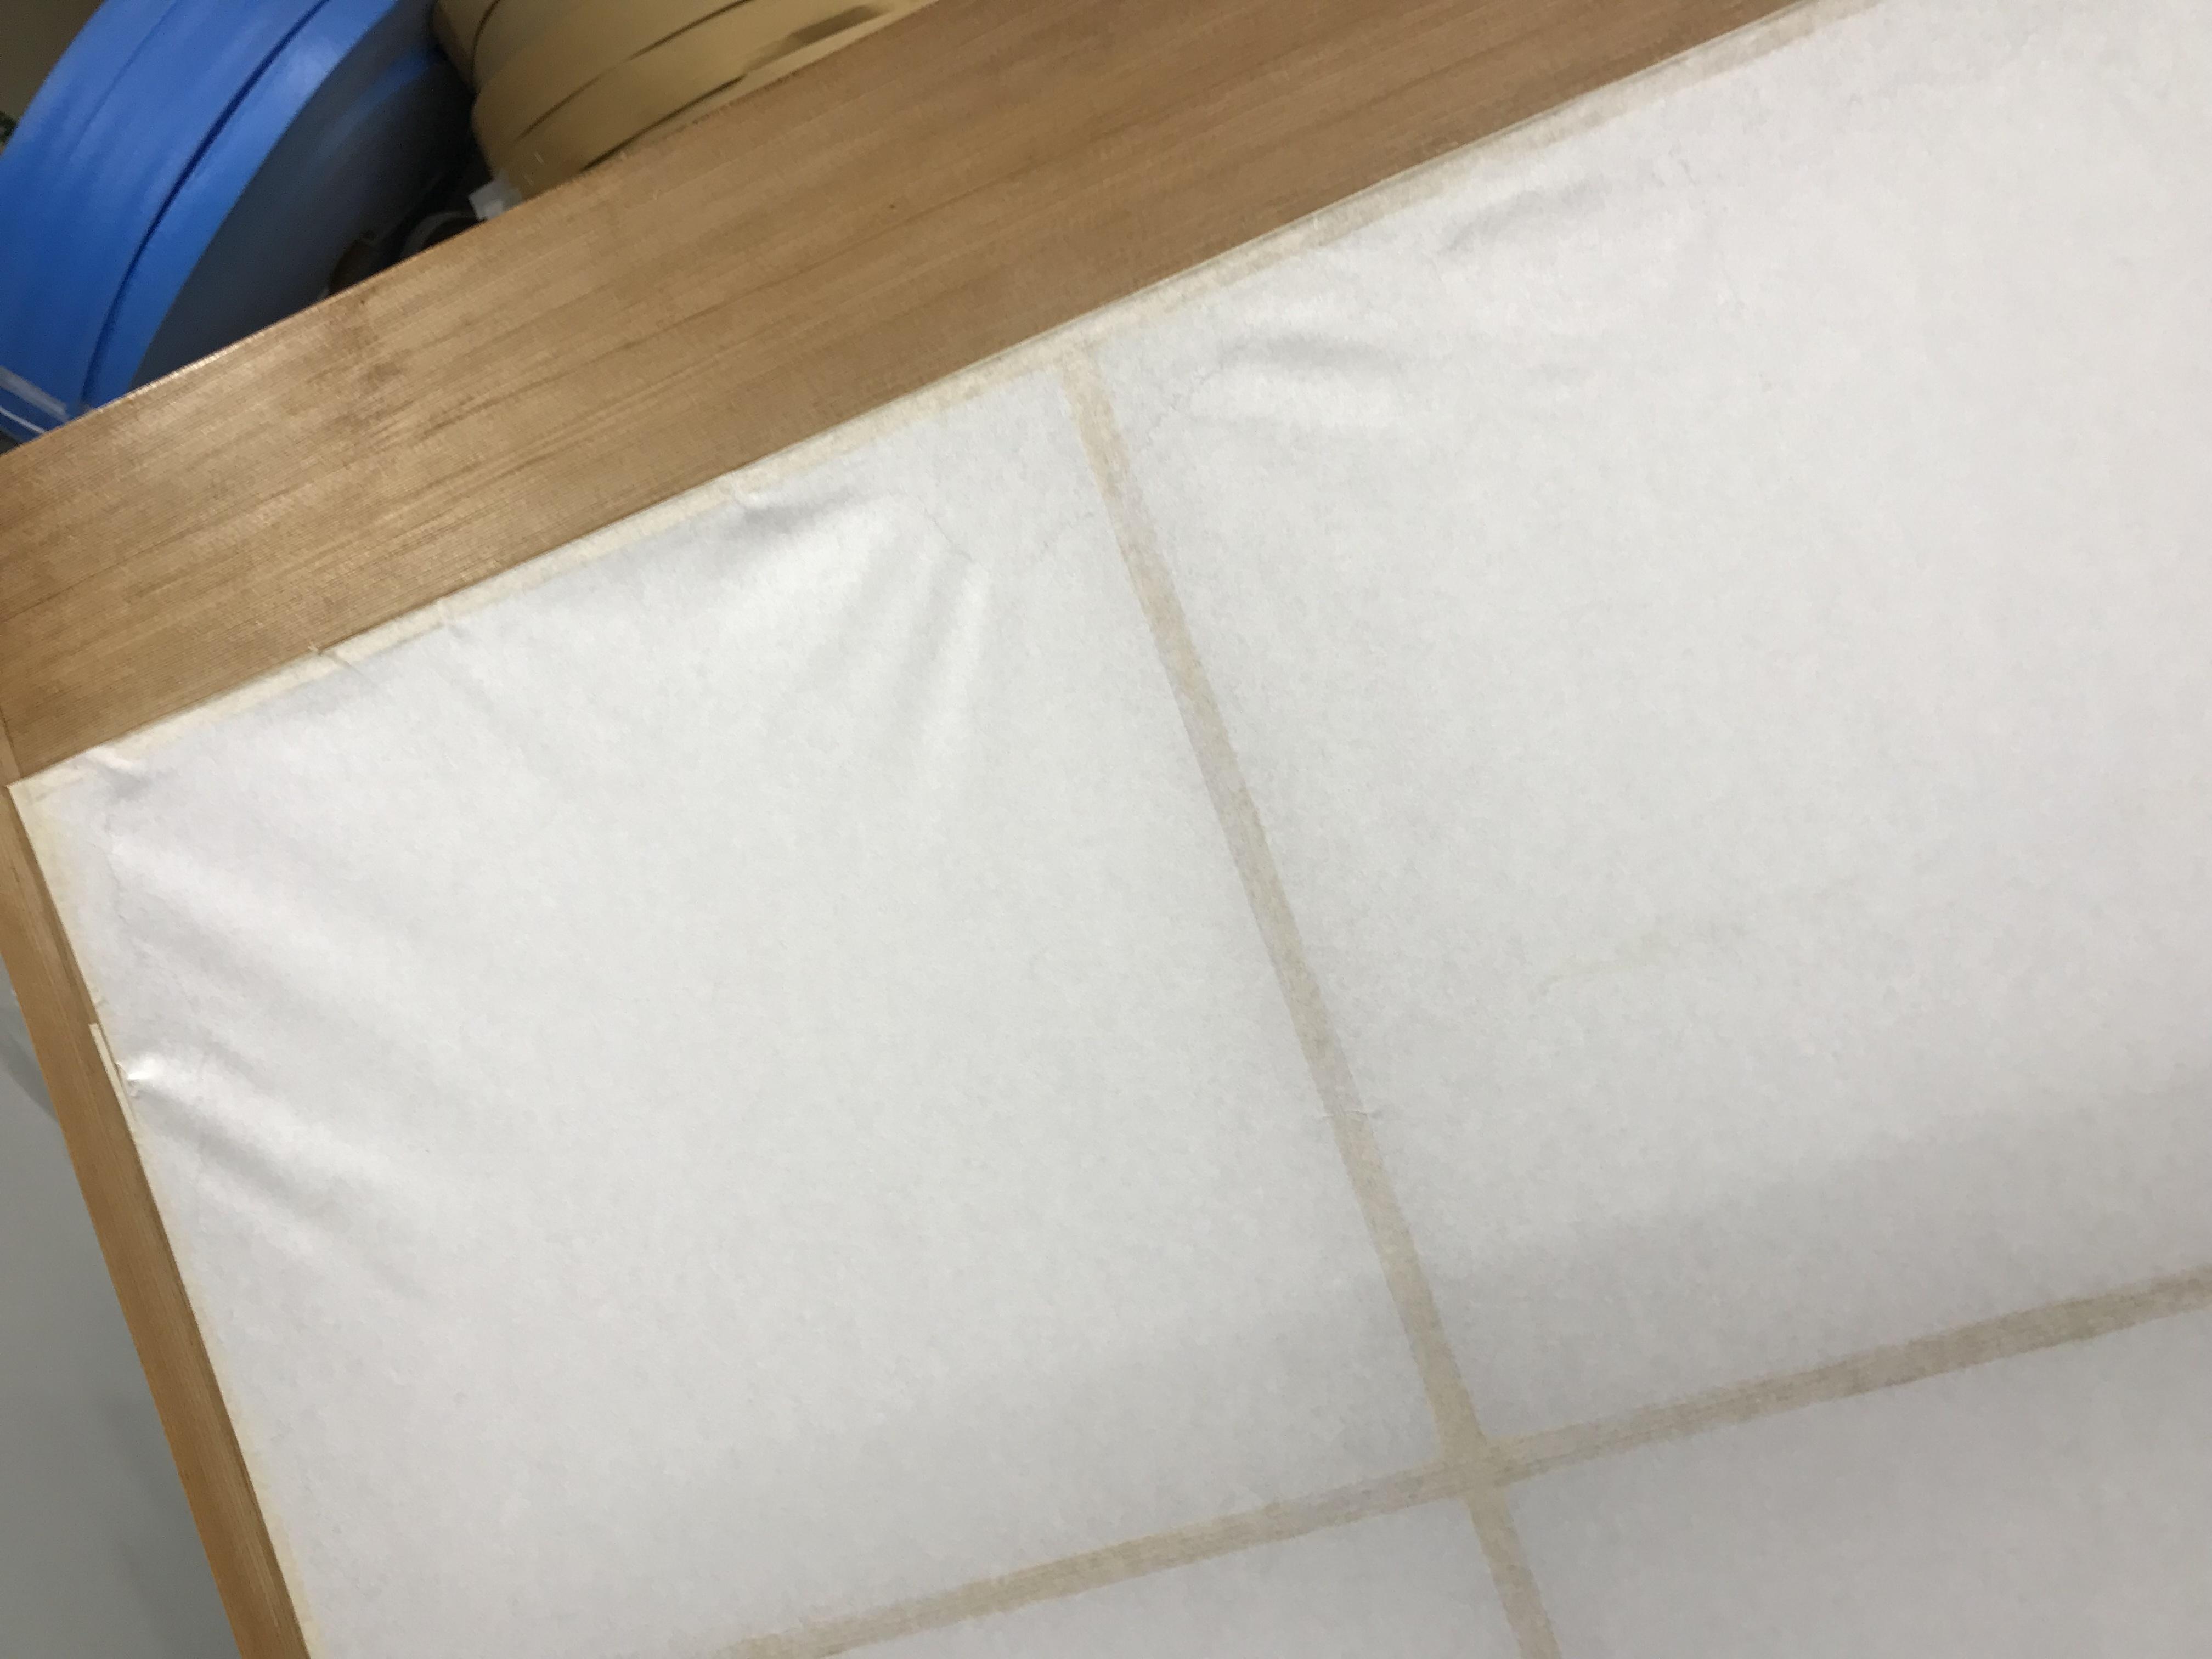 障子 襖 貼り替え 畳 小川畳店 足立区 葛飾区 北区 東京都